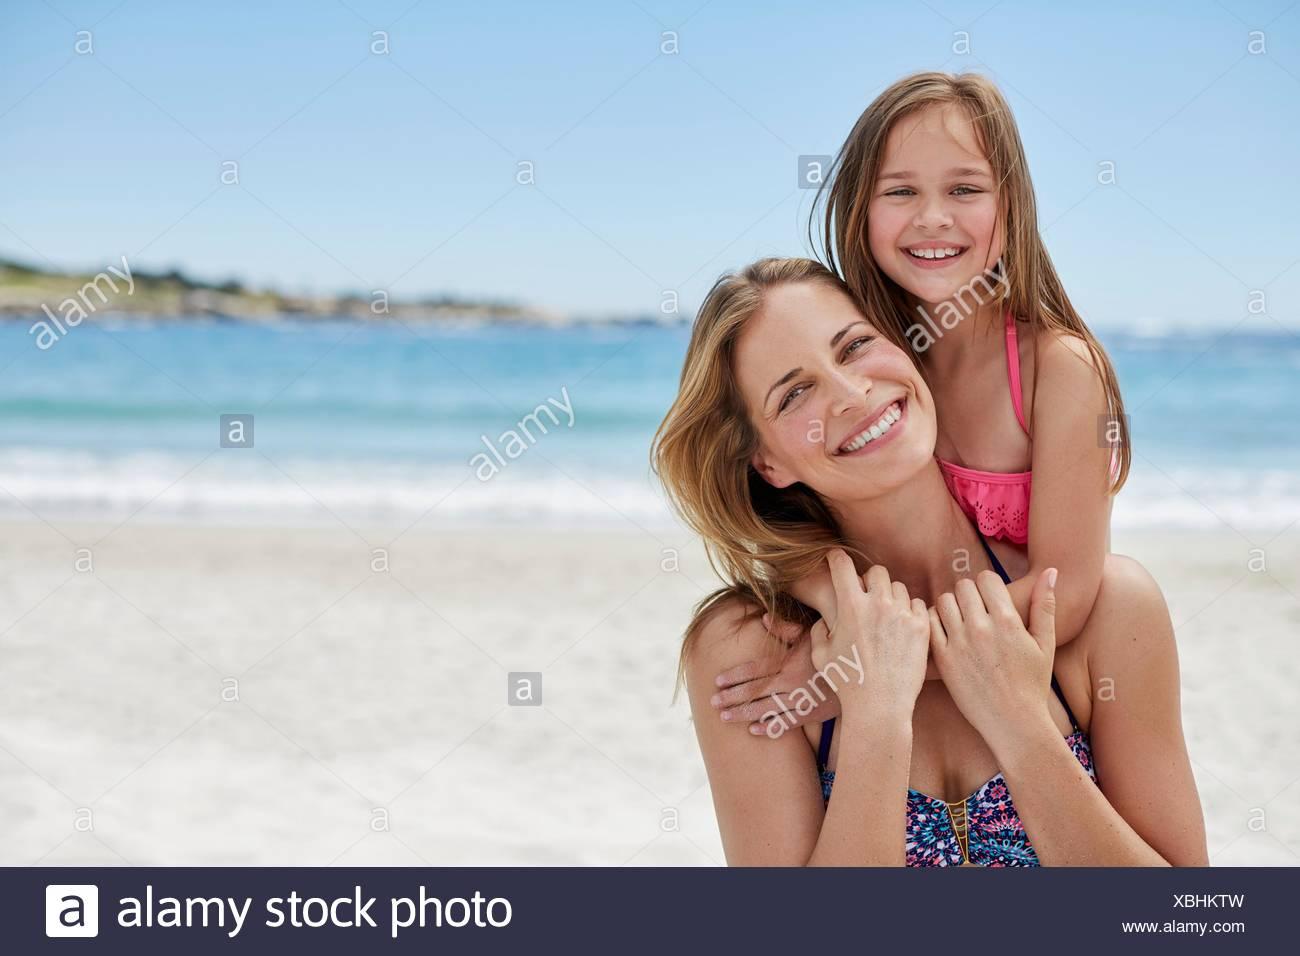 Parution du modèle. Fille mère portant sur son dos, portrait. Photo Stock